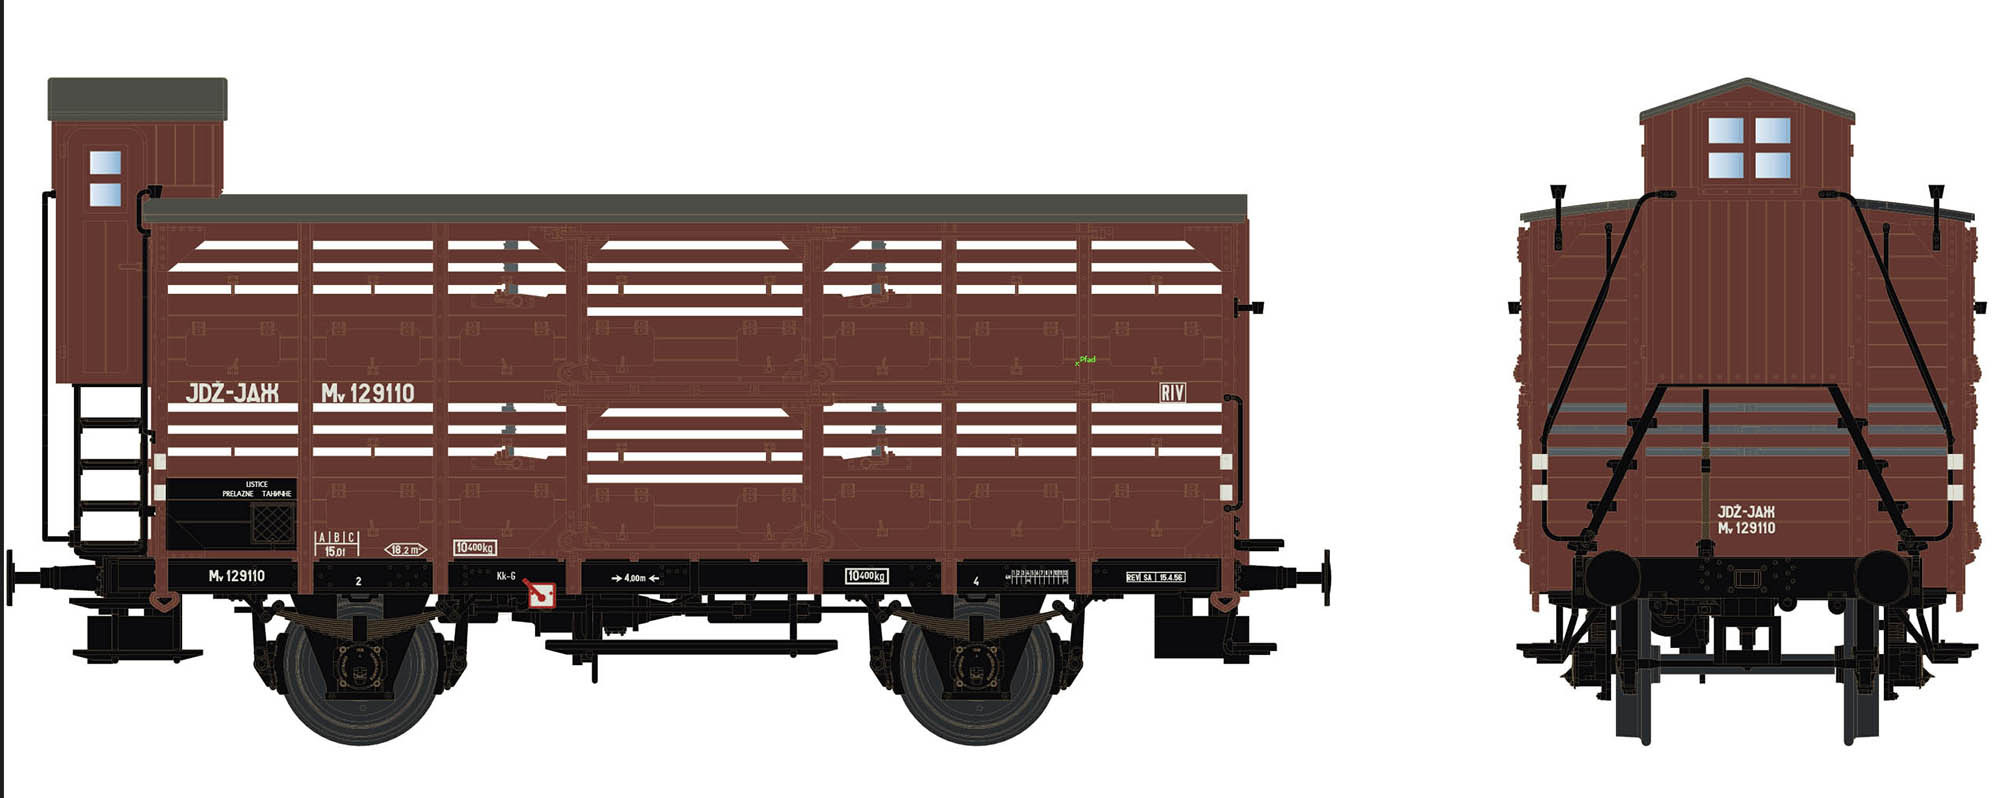 Wagenbausatz Verschlagwagen Vh14, JDŽ, Epoche III